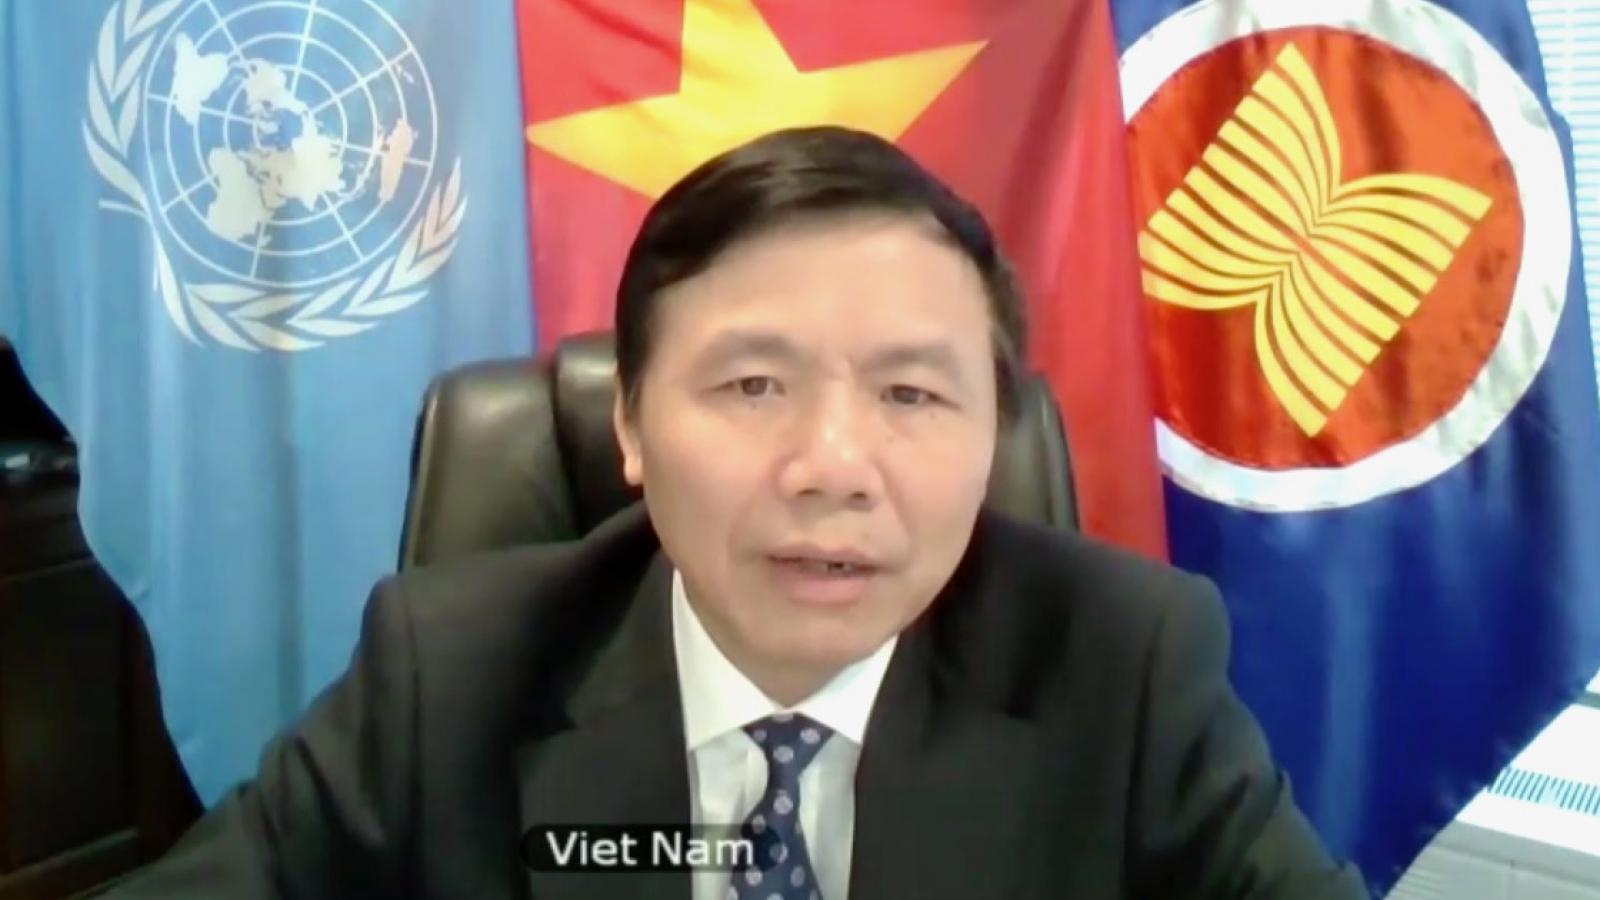 Việt Nam kêu gọi quốc tế hỗ trợ Myanmar chấm dứt bạo lực, ổn định tình hình